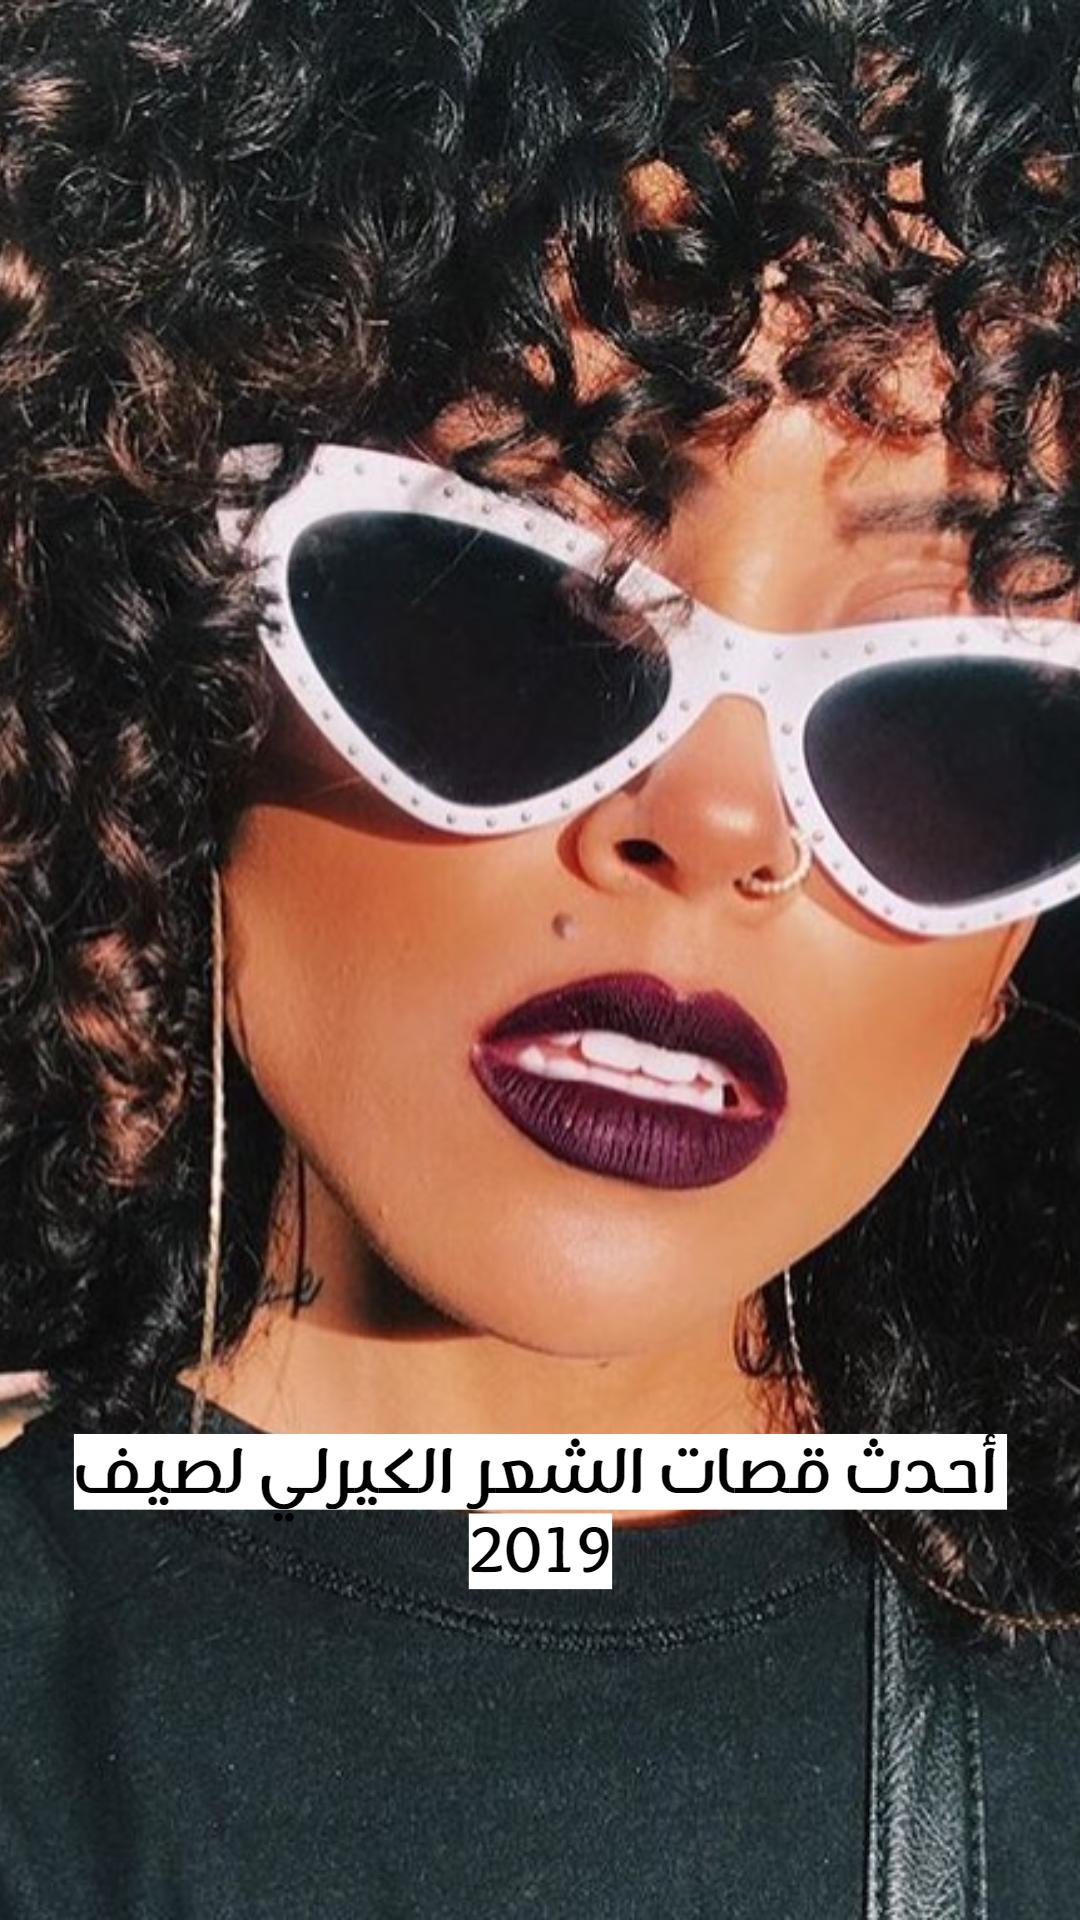 أحدث قصات الشعر الكيرلي لصيف 2019 Mirrored Sunglasses Women Mirrored Sunglasses Sunglasses Women